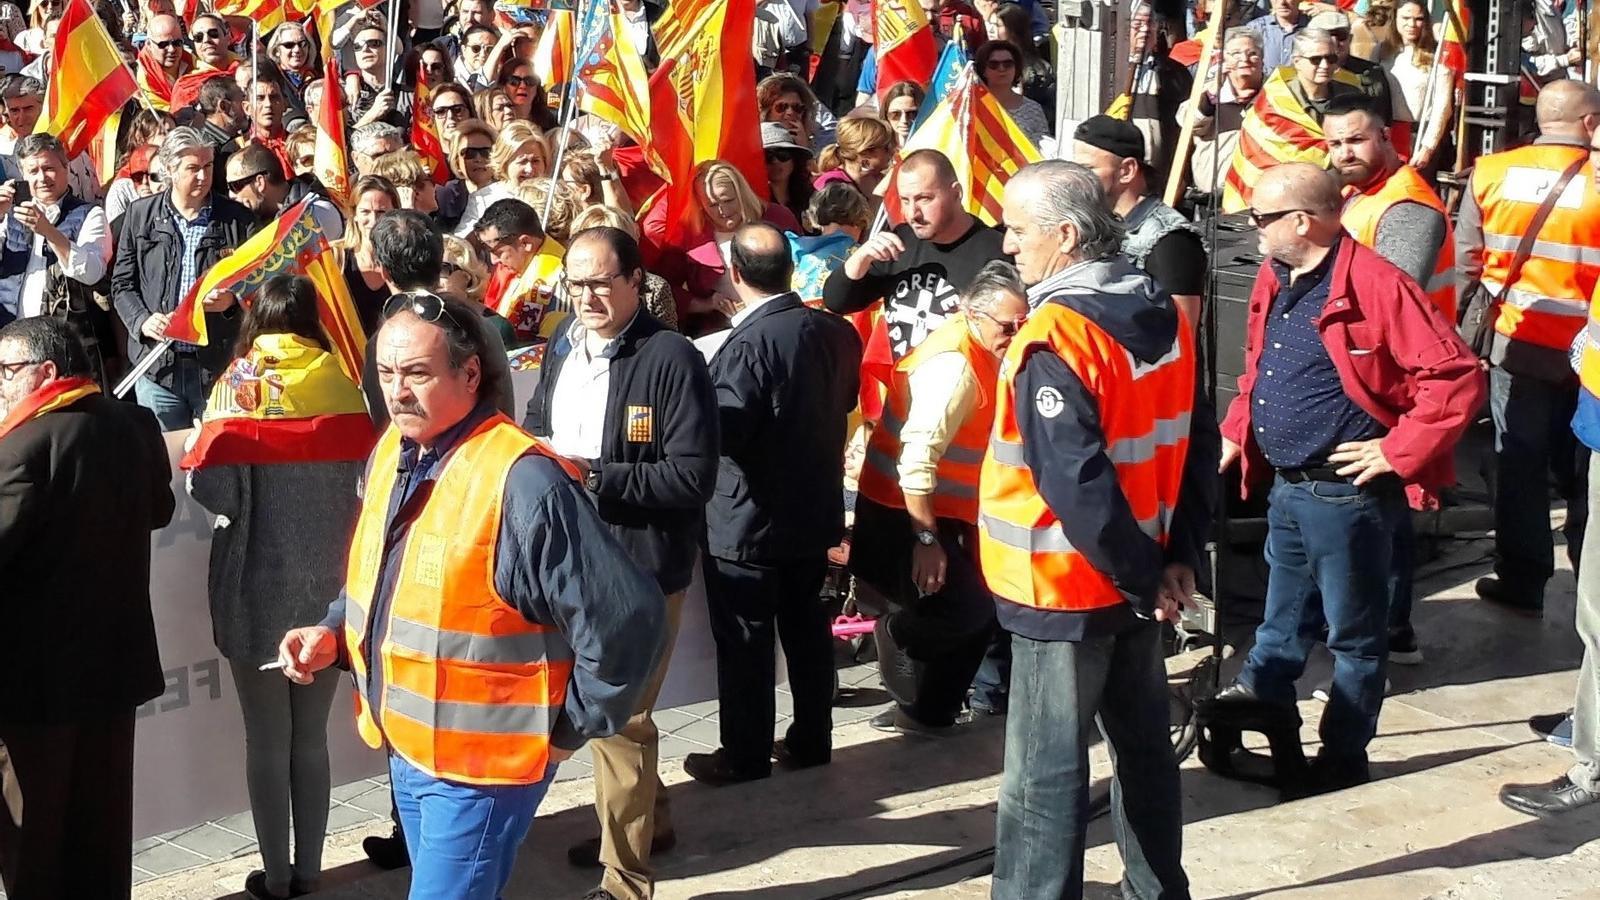 El president de la formació ultra España 2000, José Luis Roberto, a la dreta de la imatge amb jaqueta vermella i ulleres de sol, durant una manifestació l'any 2017